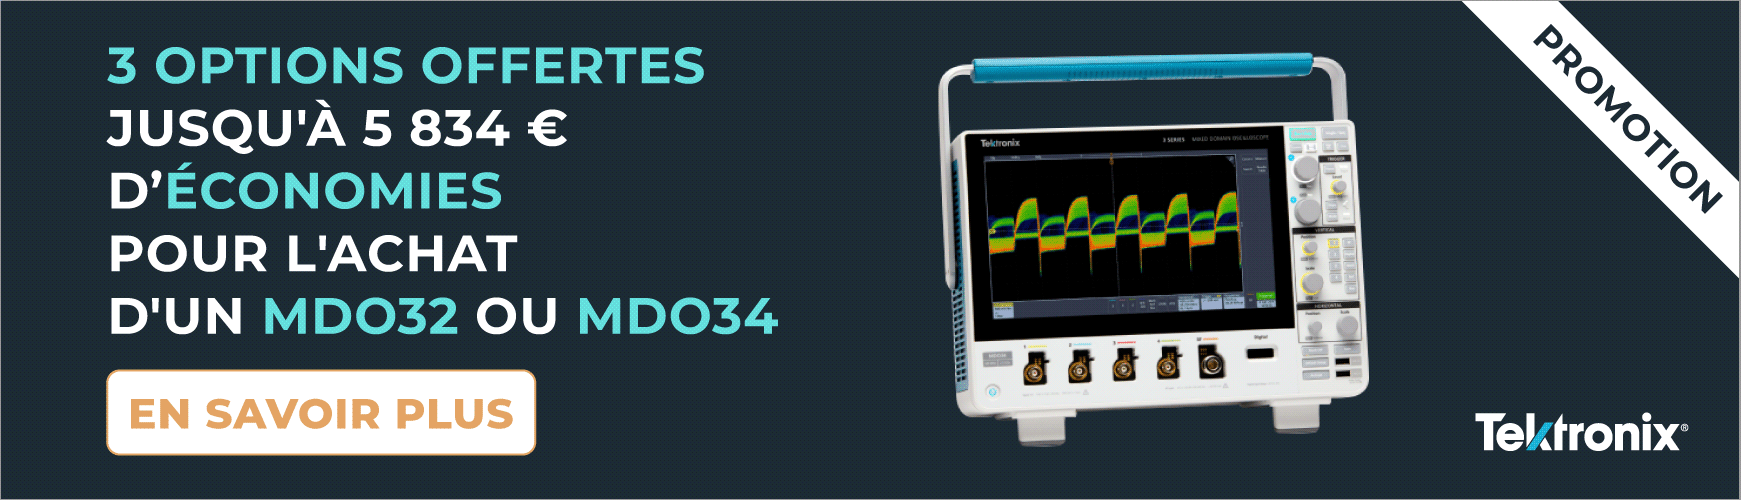 3 OPTIONS GRATUITES POUR L'ACHAT D'UN OSCILLOSCOPE MDO32 OU MDO34